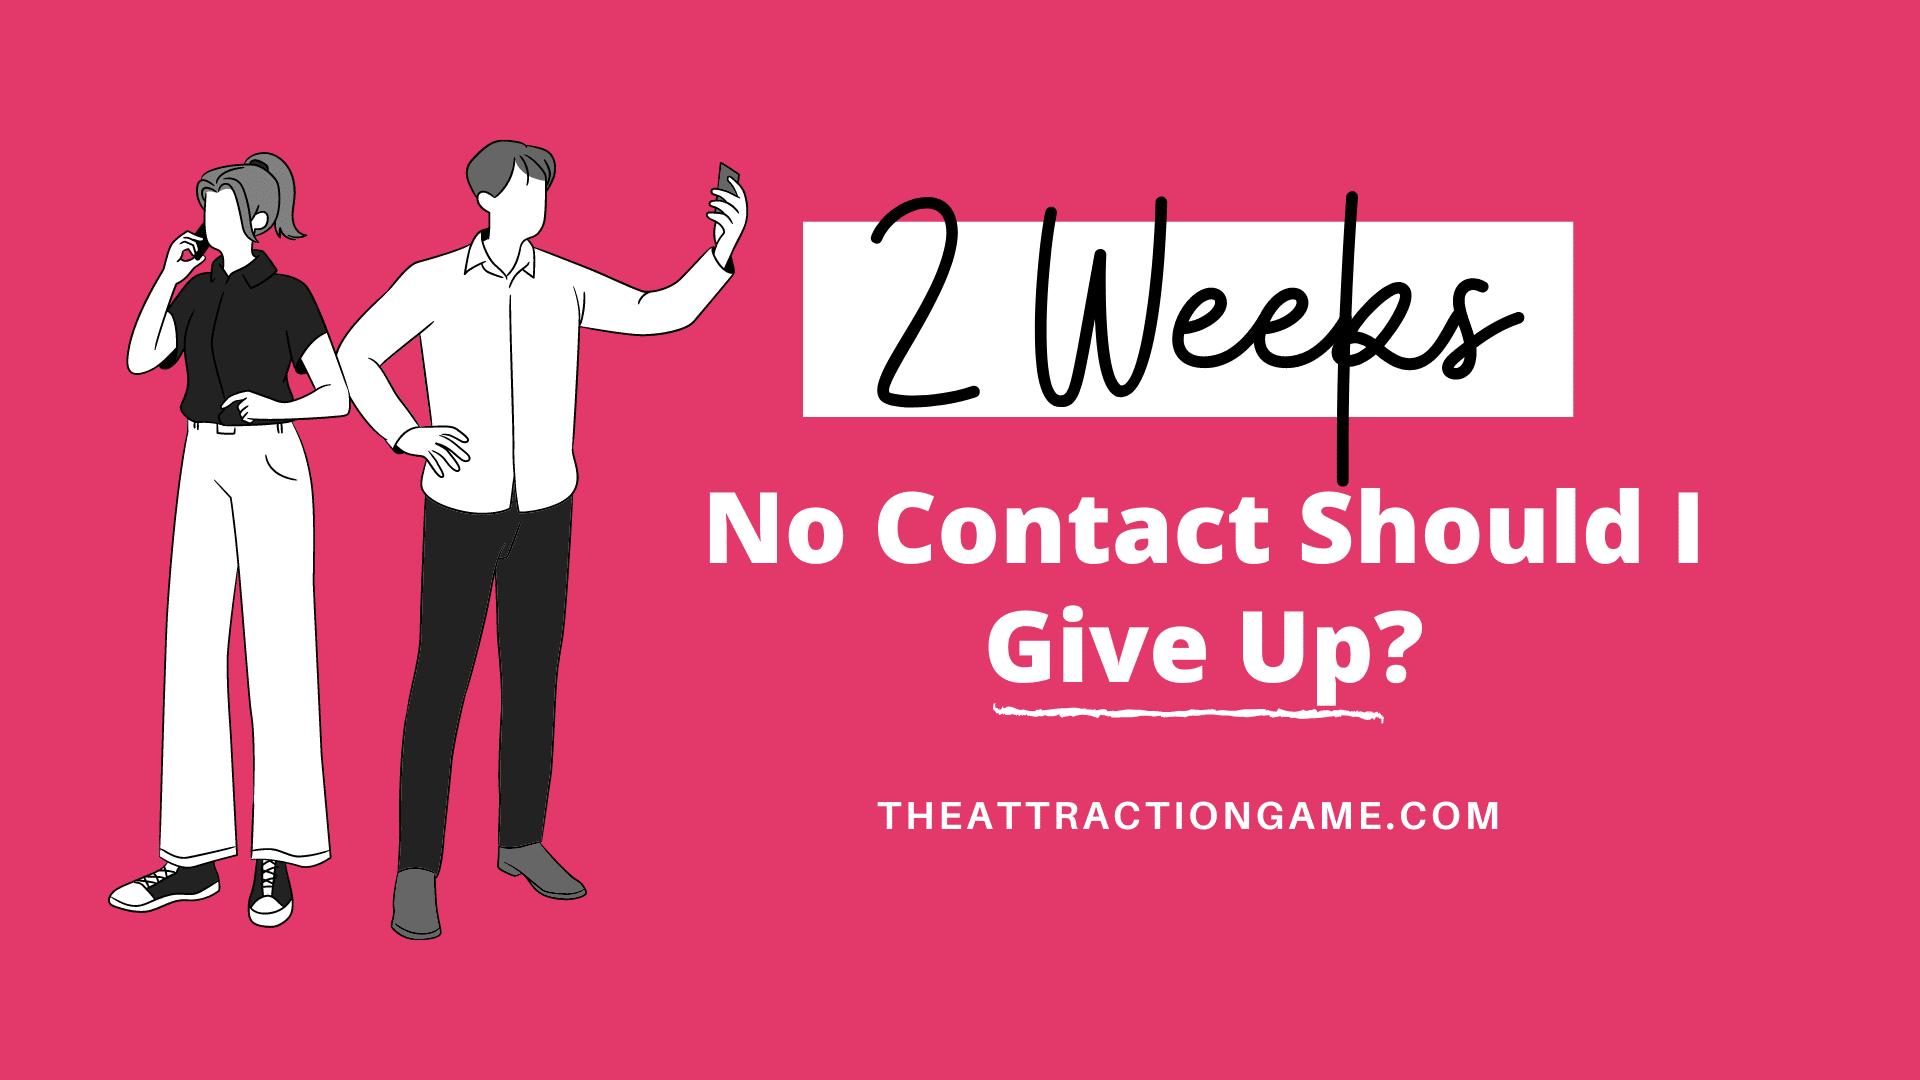 2 weeks no contact, no contact, should i give up no contact, 2 weeks of no contact,